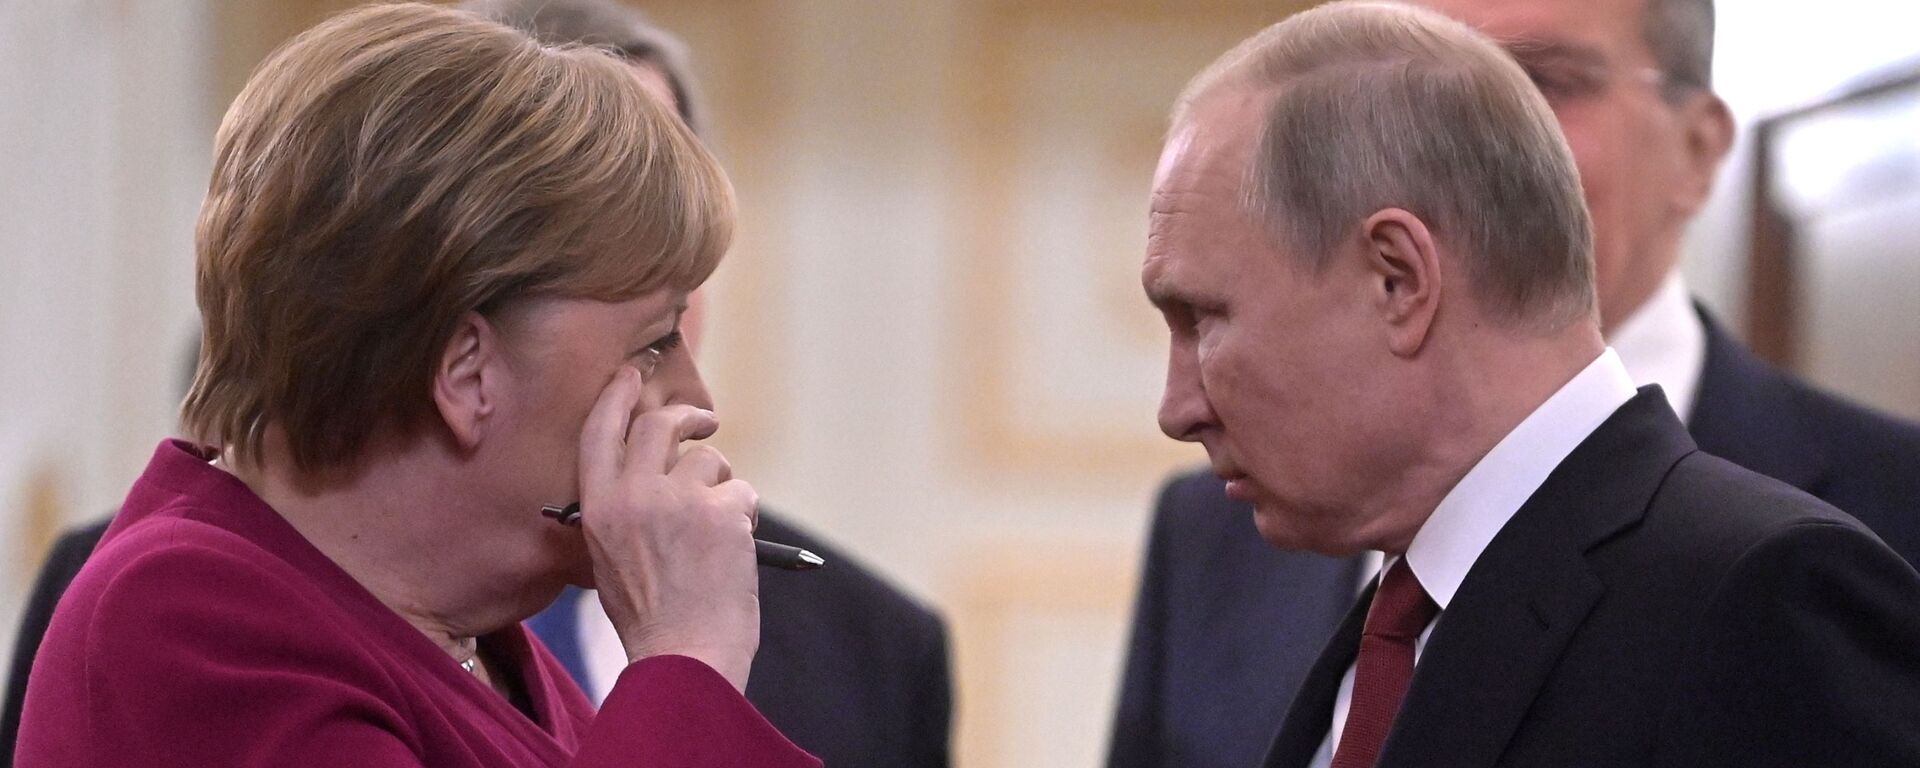 Президент РФ Владимир Путин и федеральный канцлер Германии Ангела Меркель - Sputnik Таджикистан, 1920, 31.03.2021